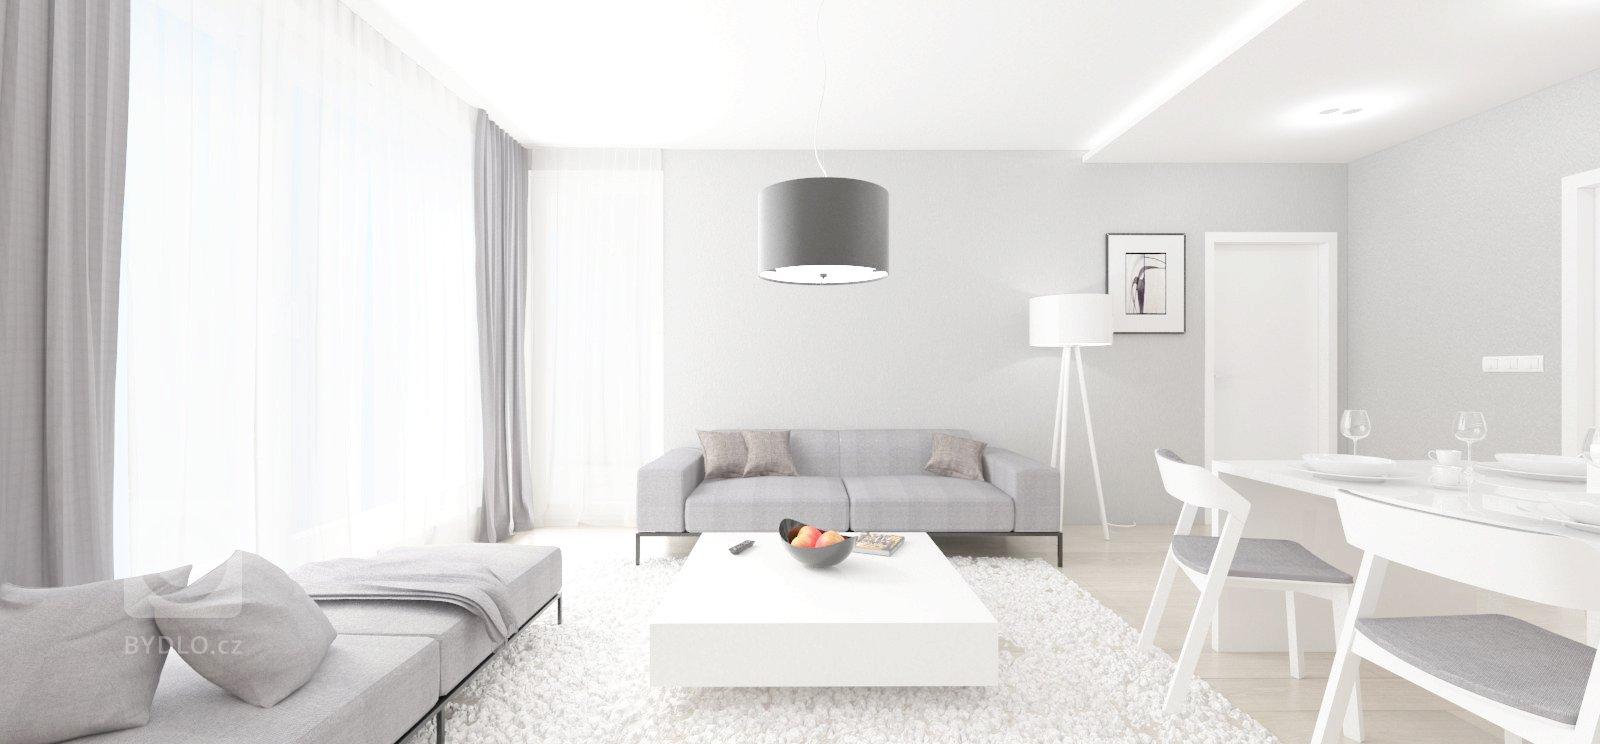 Dvojizbový byt, situovaný v novostavbe Marina Island v Prahe, kladie dôraz na vzdušnosť a čisté línie. Svieži vzhľad obytnému priestoru dodáva biela farba a…